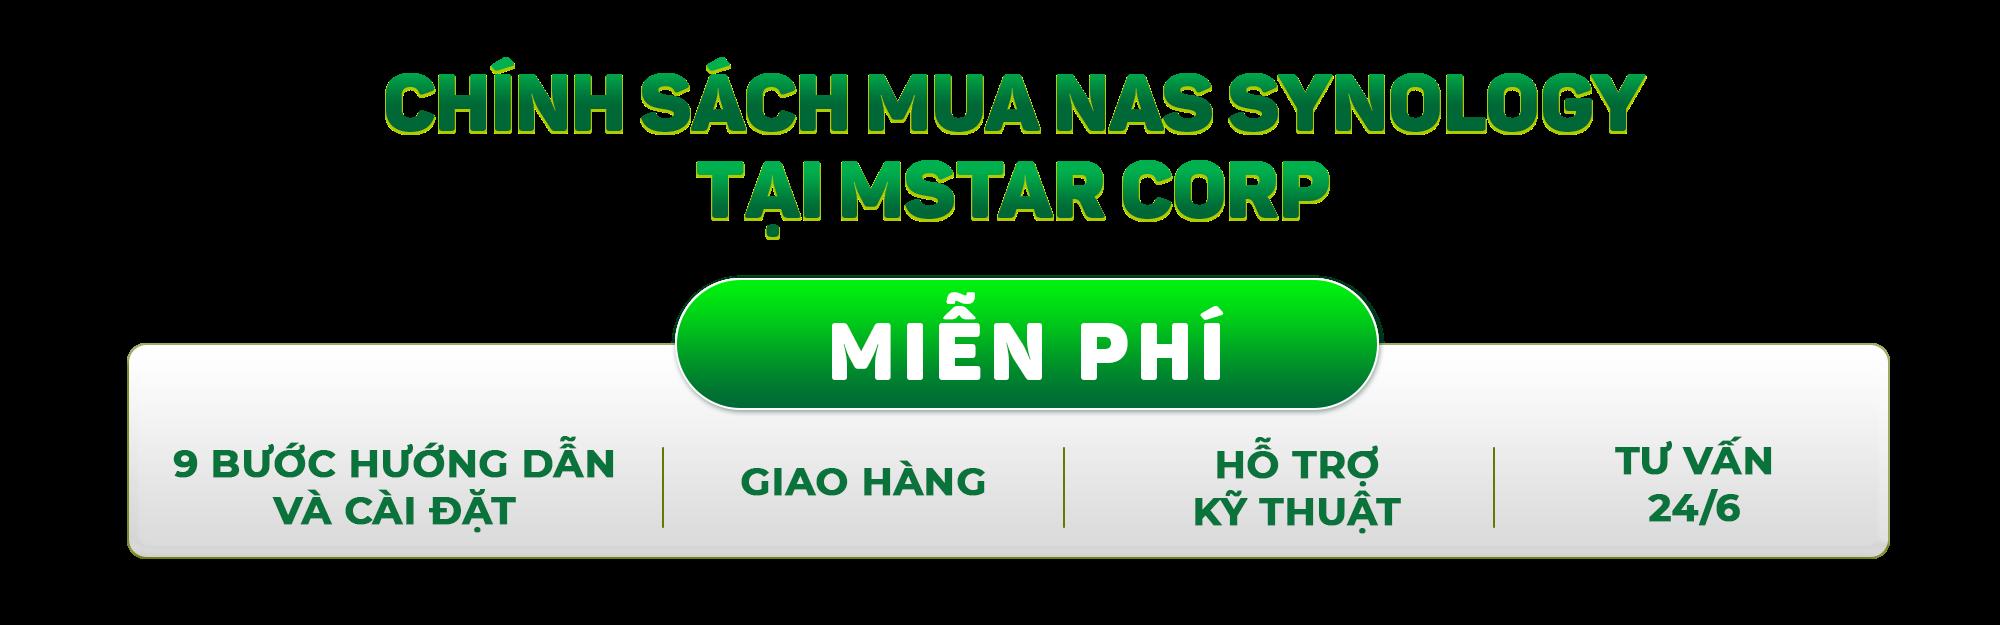 chinh sach mua nas synology tai mstar corp 18580492583a4f8d8af96967b413b157